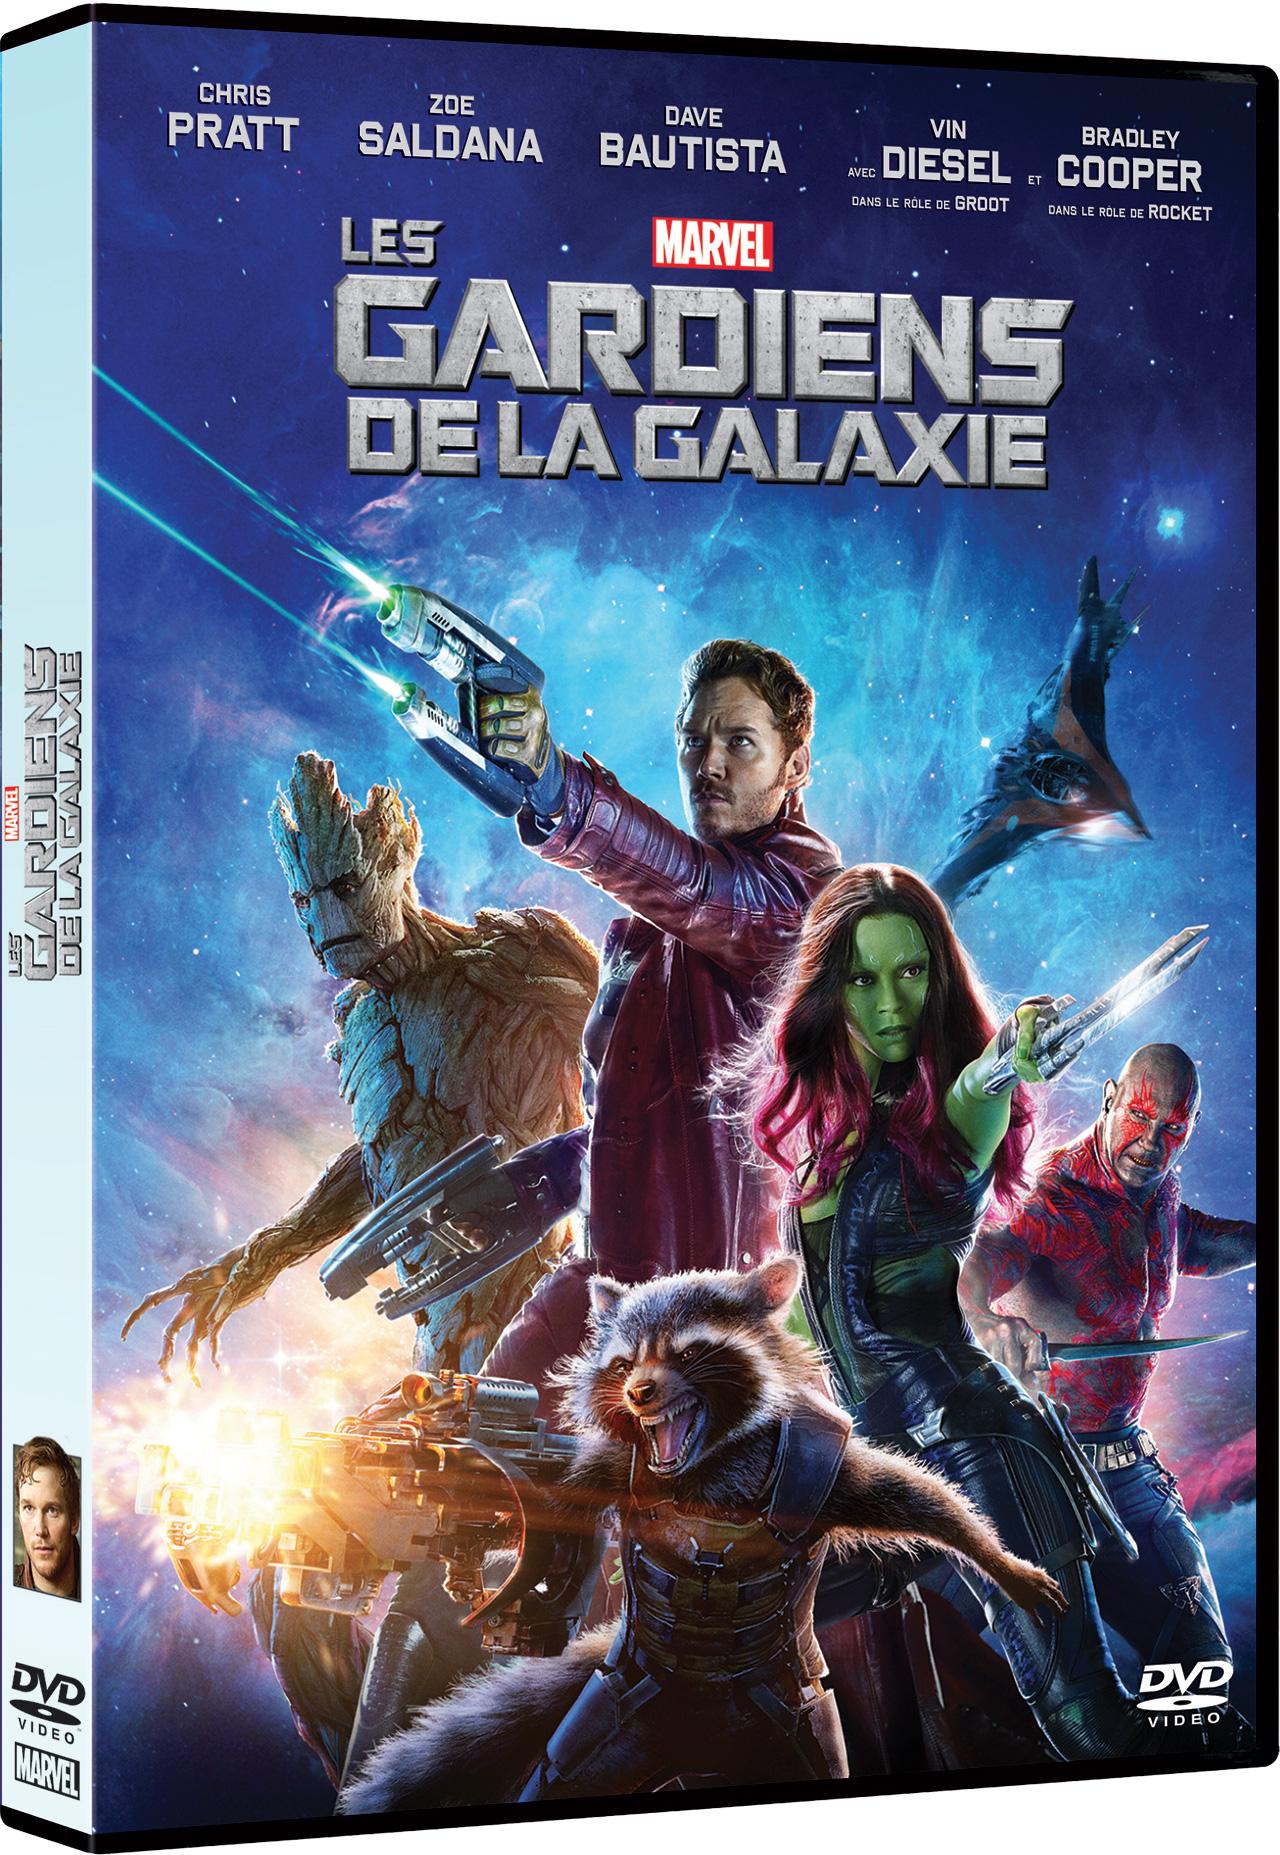 Les Gardiens de la galaxie - DVD